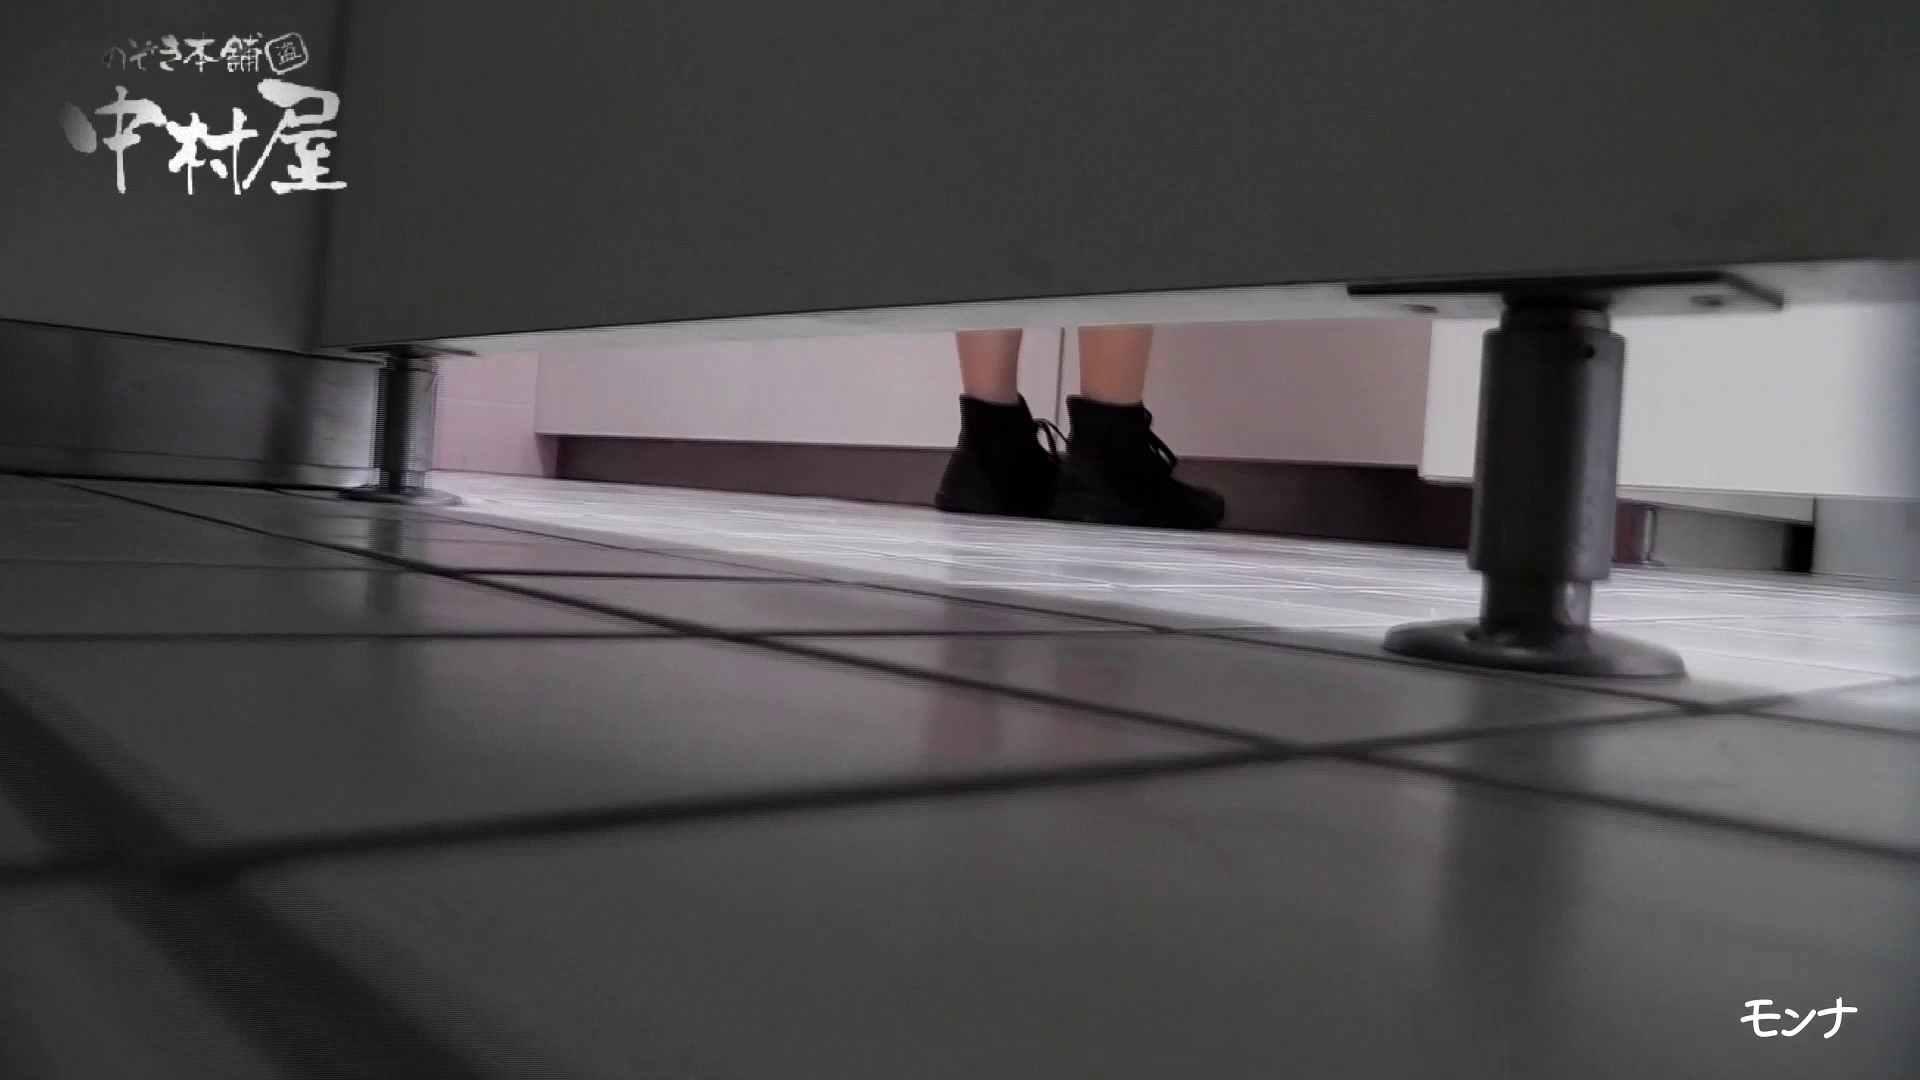 【美しい日本の未来】美しい日本の未来 No.38 久しぶり、復活しようかなあ?^^ by モンナ マンコ特別編 エロ画像 83枚 63